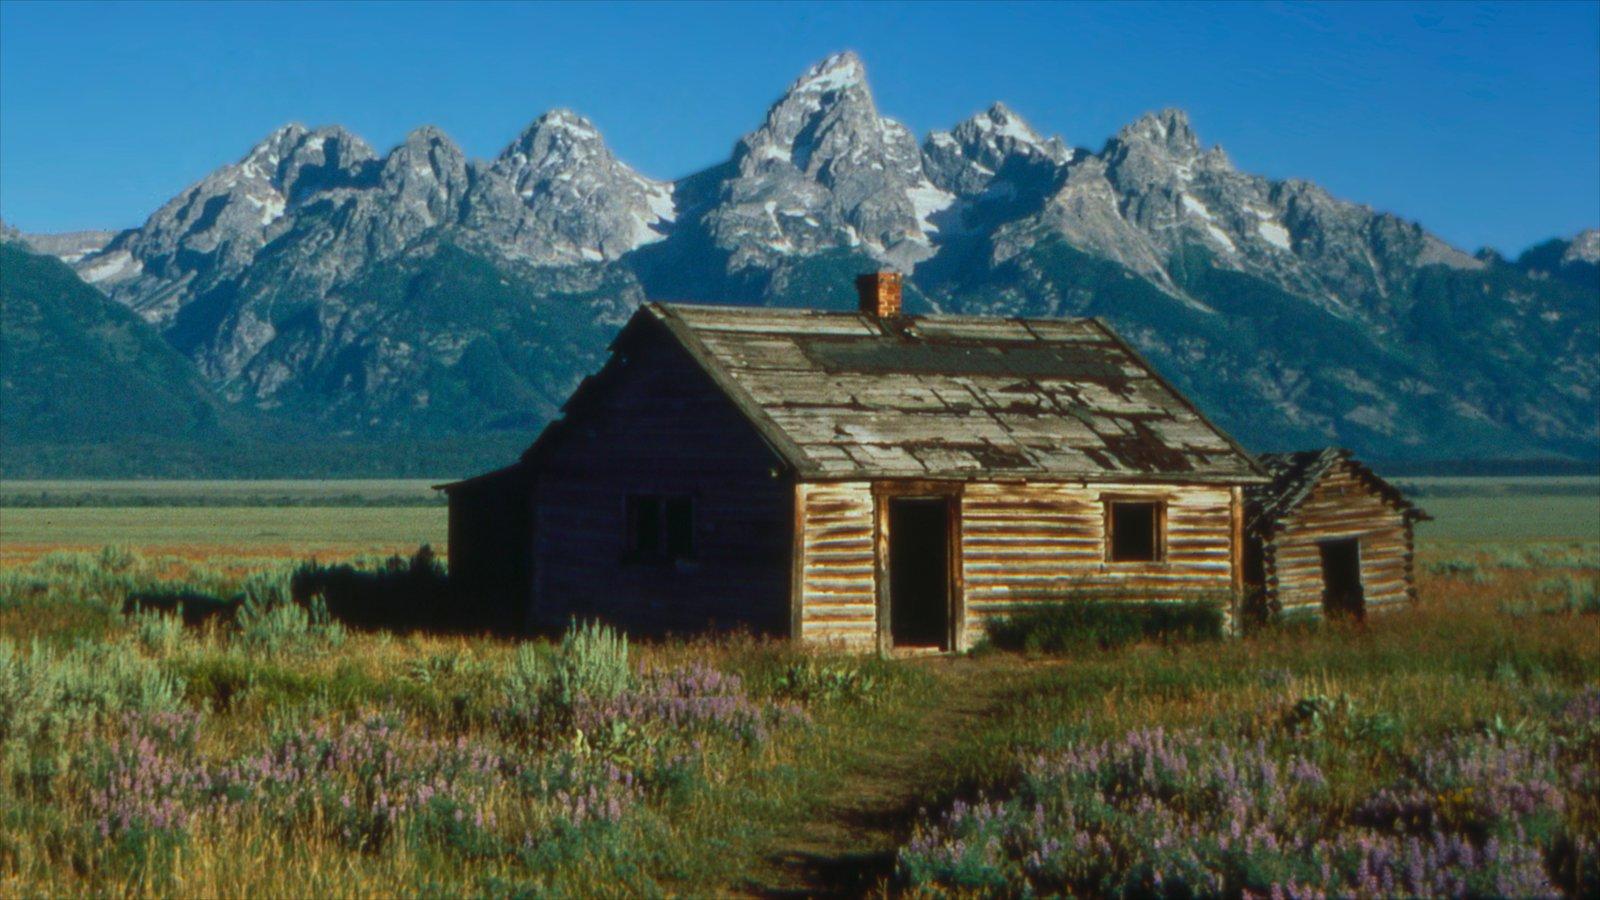 Jackson Hole que inclui uma casa, paisagem e montanhas